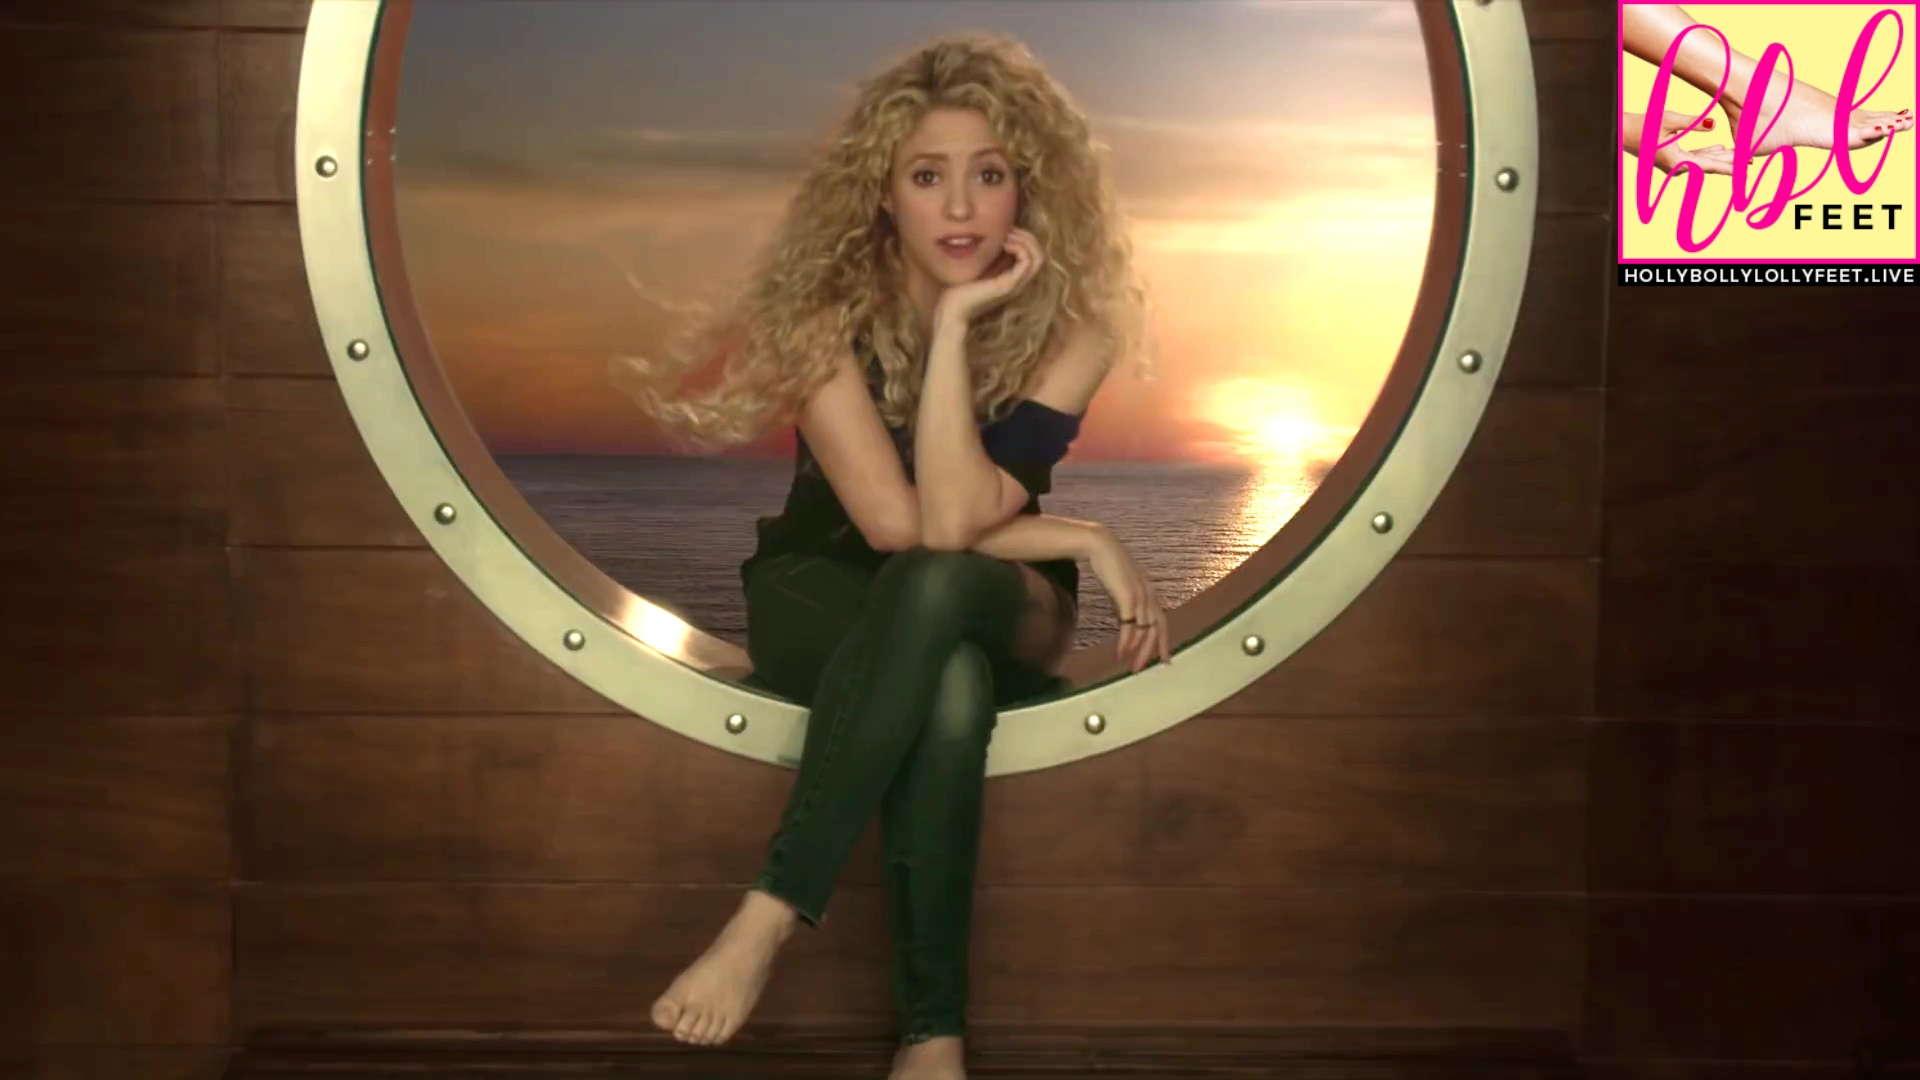 Feet Shakira nude photos 2019